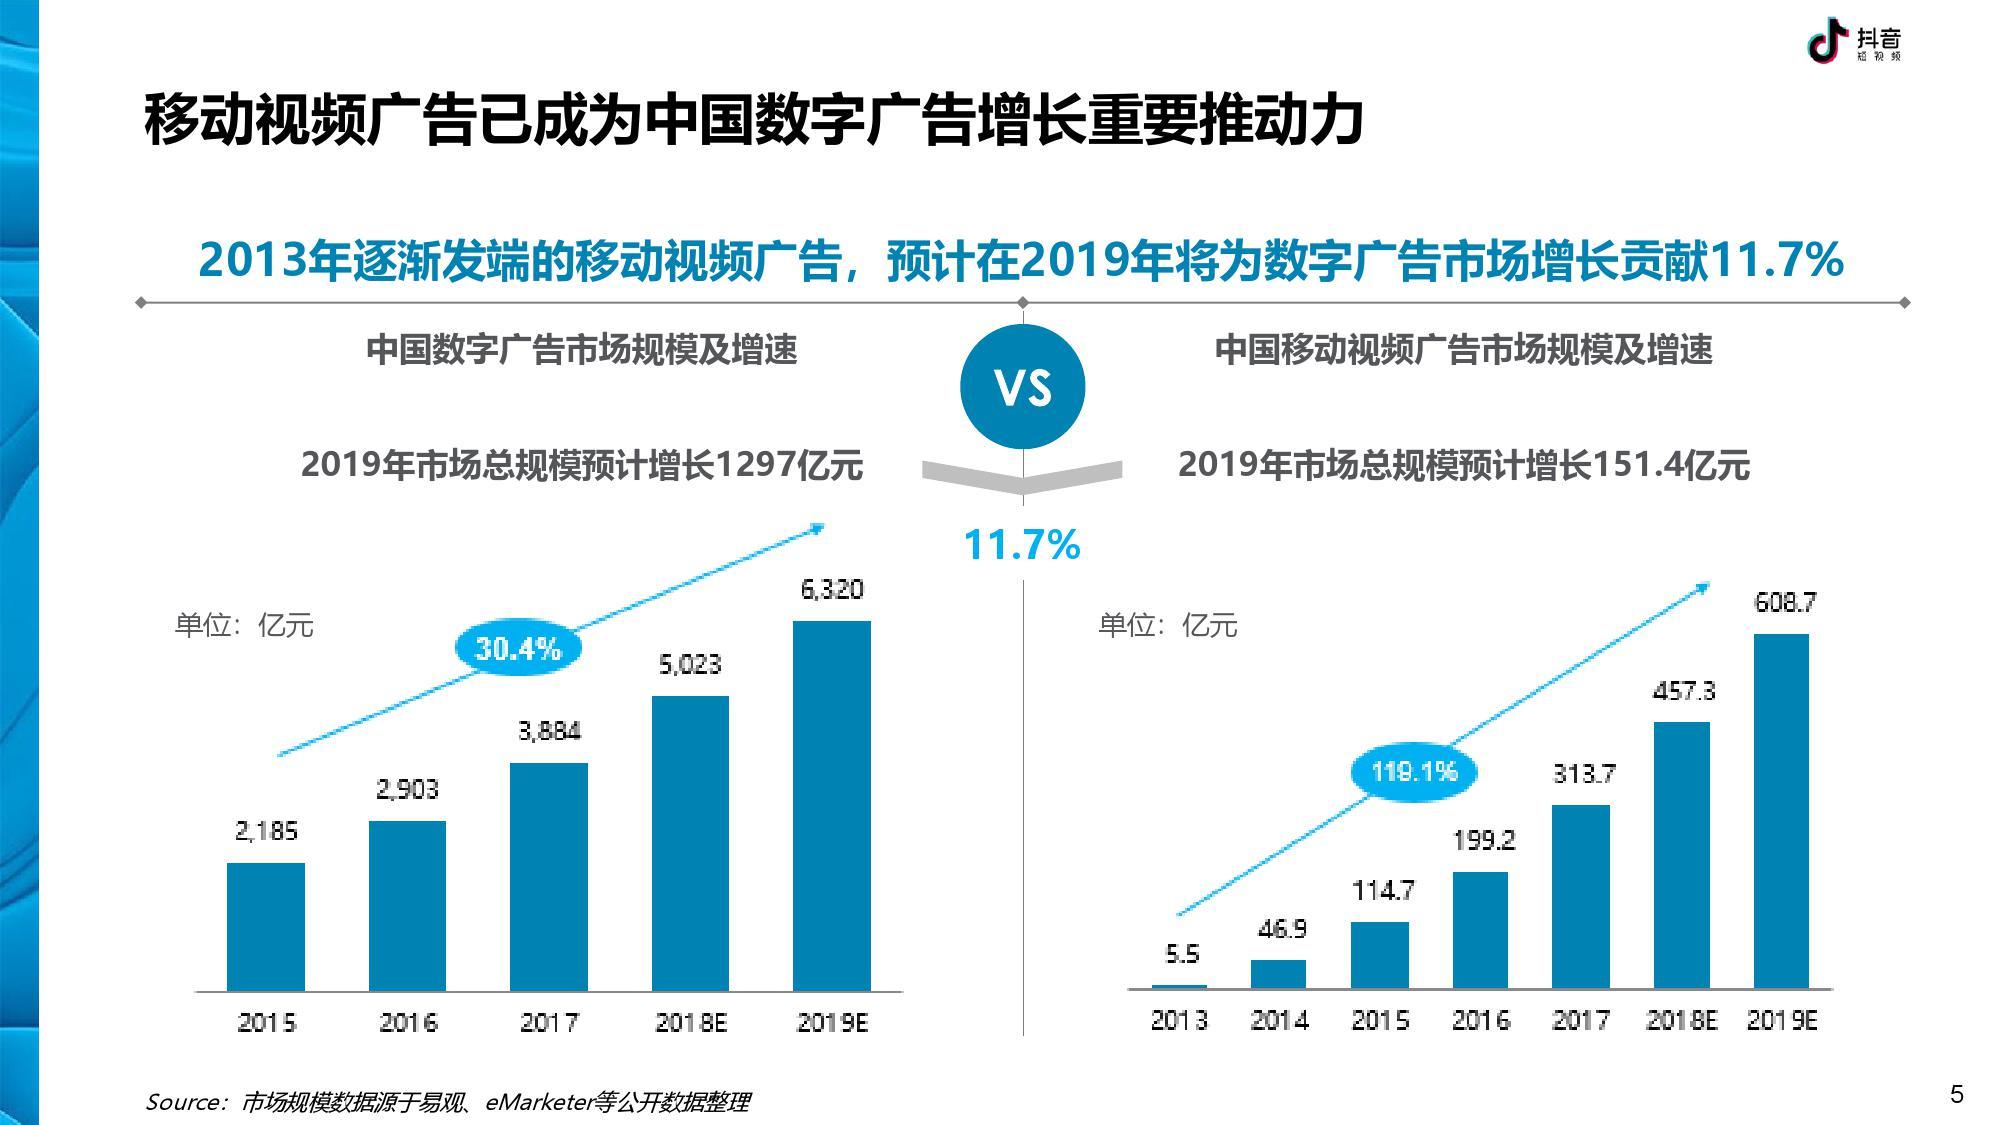 抖音 DTV 广告营销价值白皮书-CNMOAD 中文移动营销资讯 5